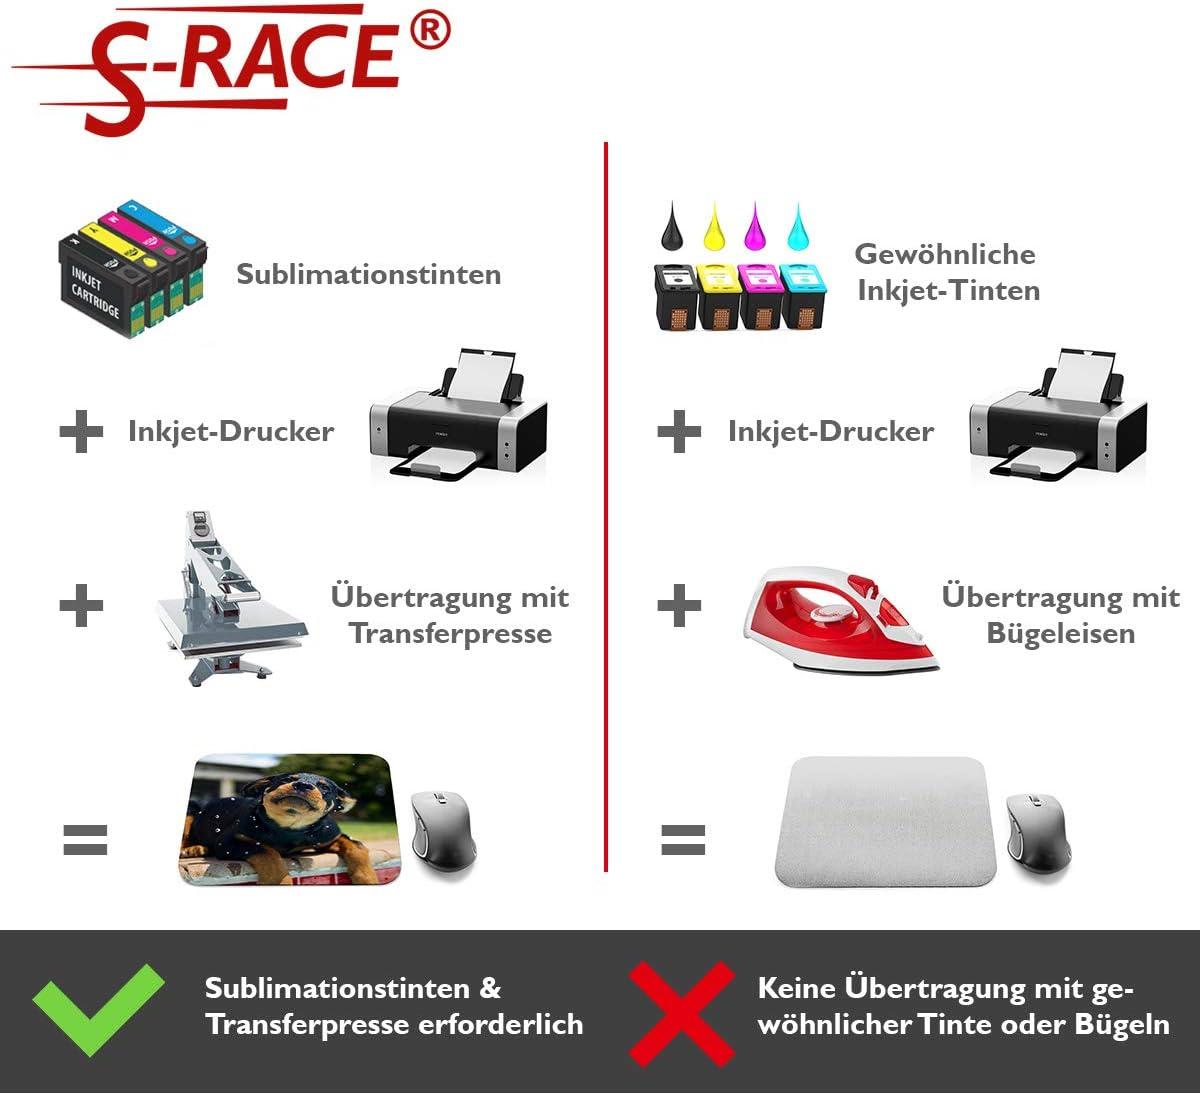 S-RACE Papel de sublimación A4, paquete de muestras, 20 hojas, 120 g/m2 – adecuado para impresoras de inyección de tinta con tinta de sublimación – secado rápido, resistente a manchas: Amazon.es: Oficina